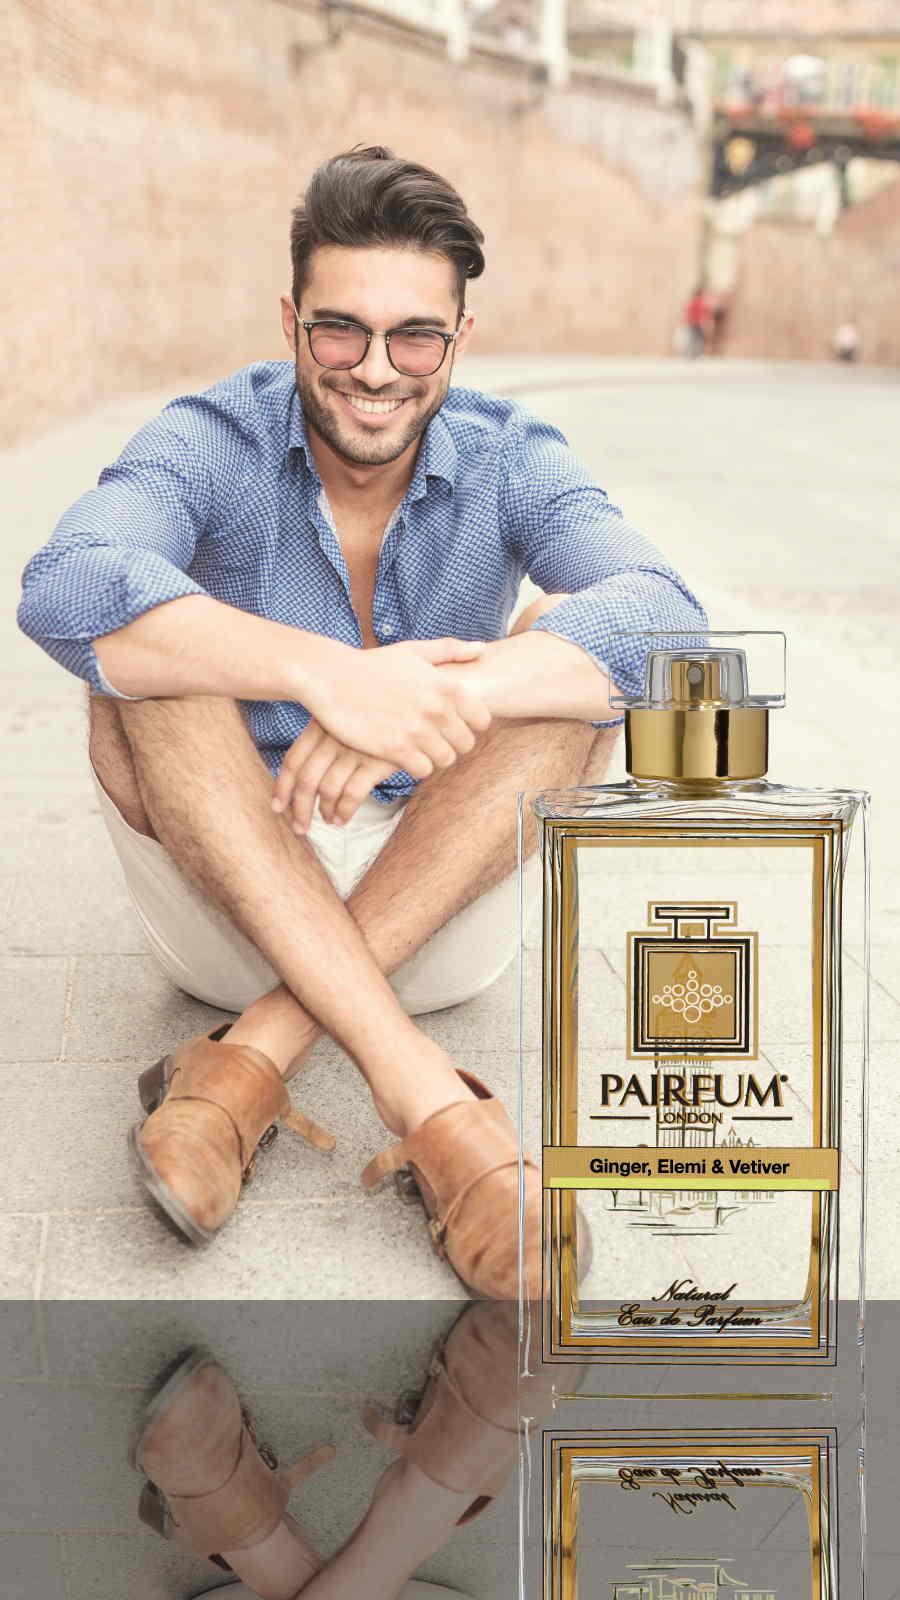 Eau De Parfum Person Reflection Ginger Elemi Vetiver Man Smile 9 16